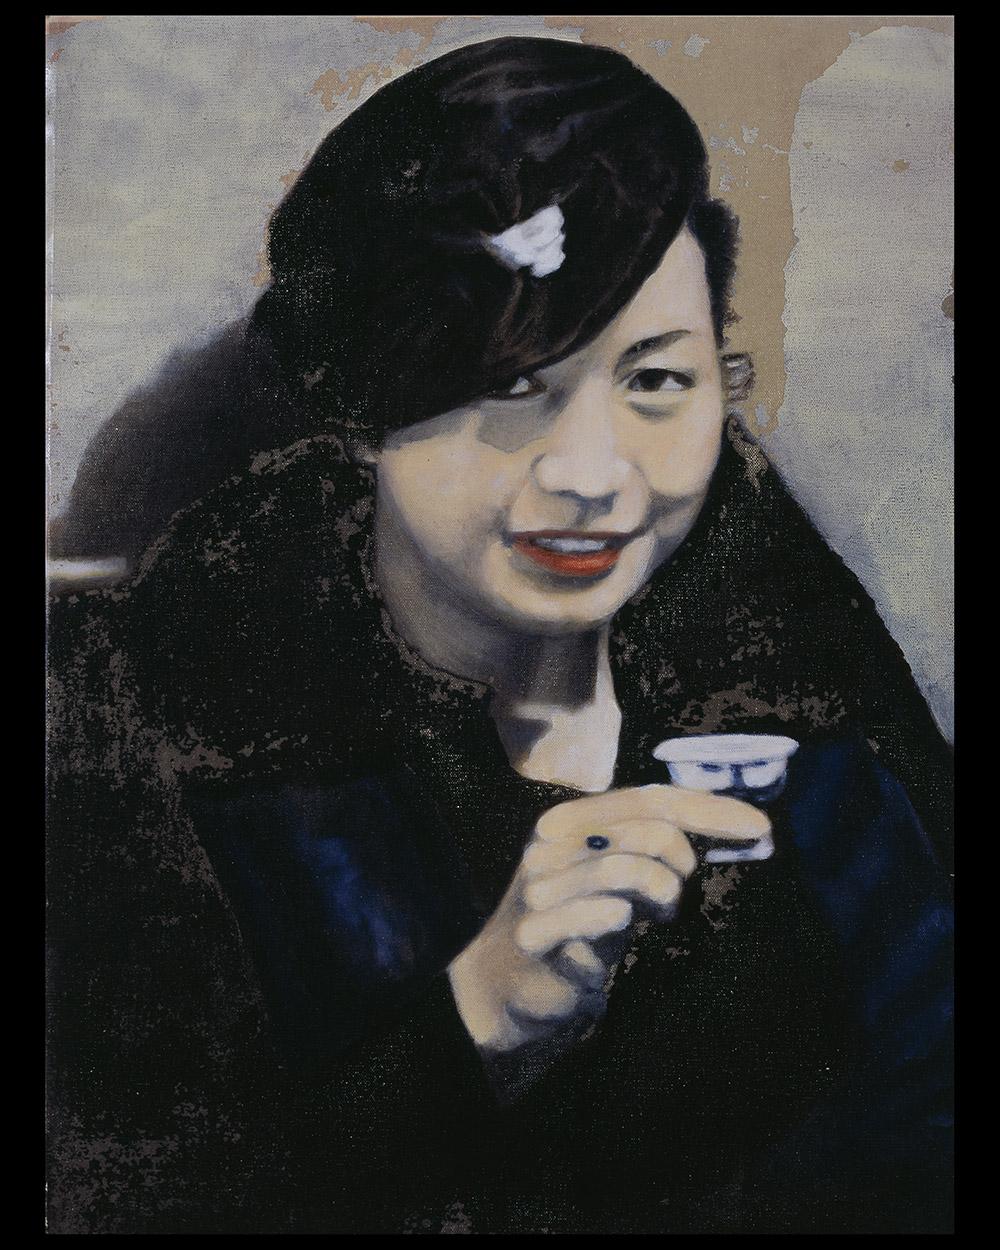 11.-Ono-Un-Sourire-2006.-Oil-on-canvas-66-x-49.5-cm-x.jpg